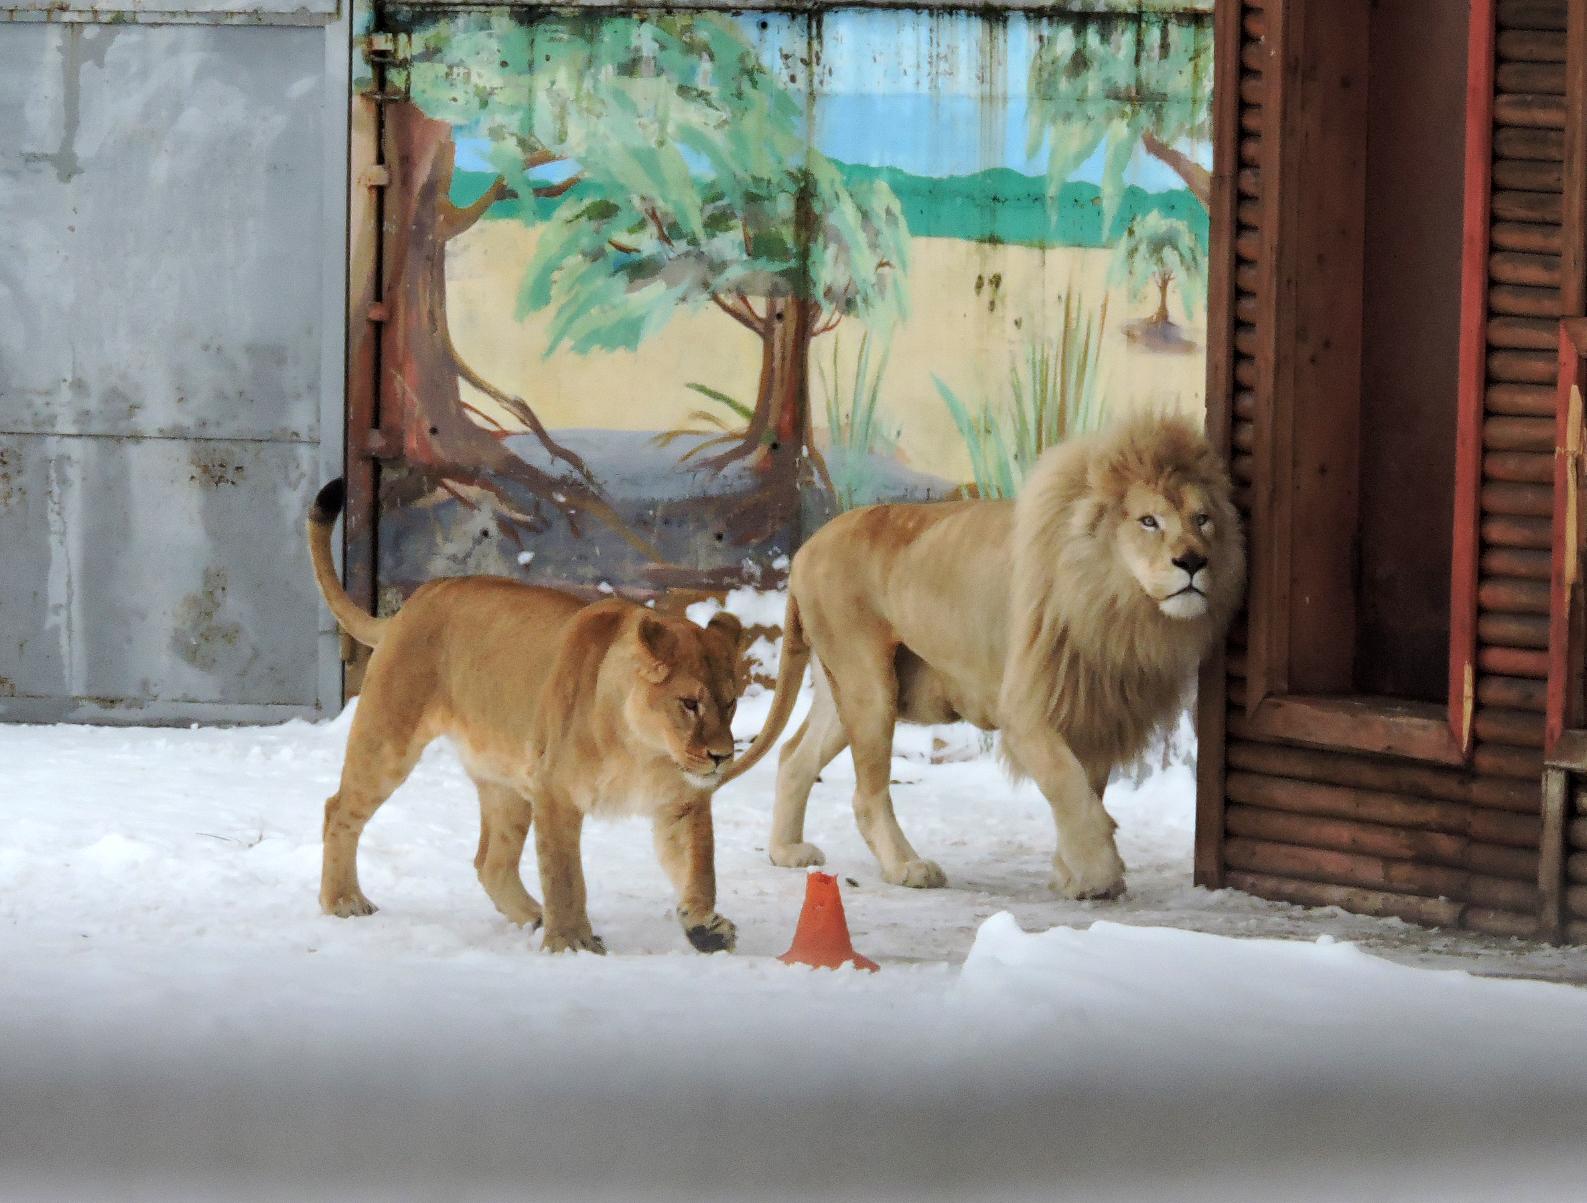 Новую невесту встретил агрессивно: в Ярославском зоопарке белому льву привезли подругу